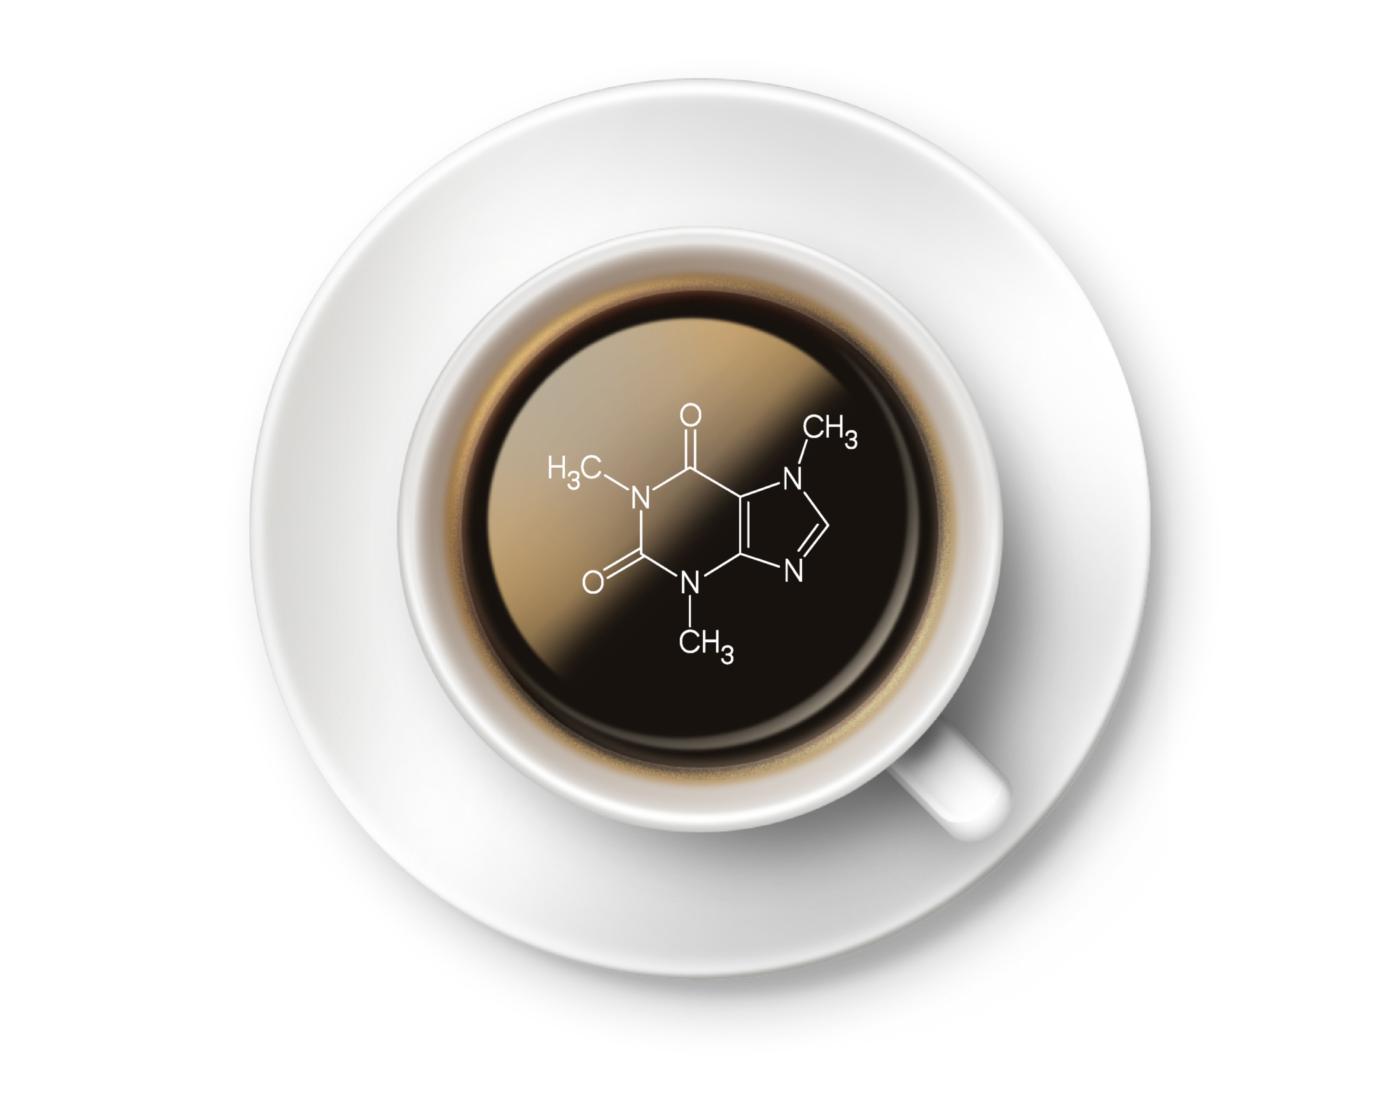 آنتی اکسیدان ها در قهوه